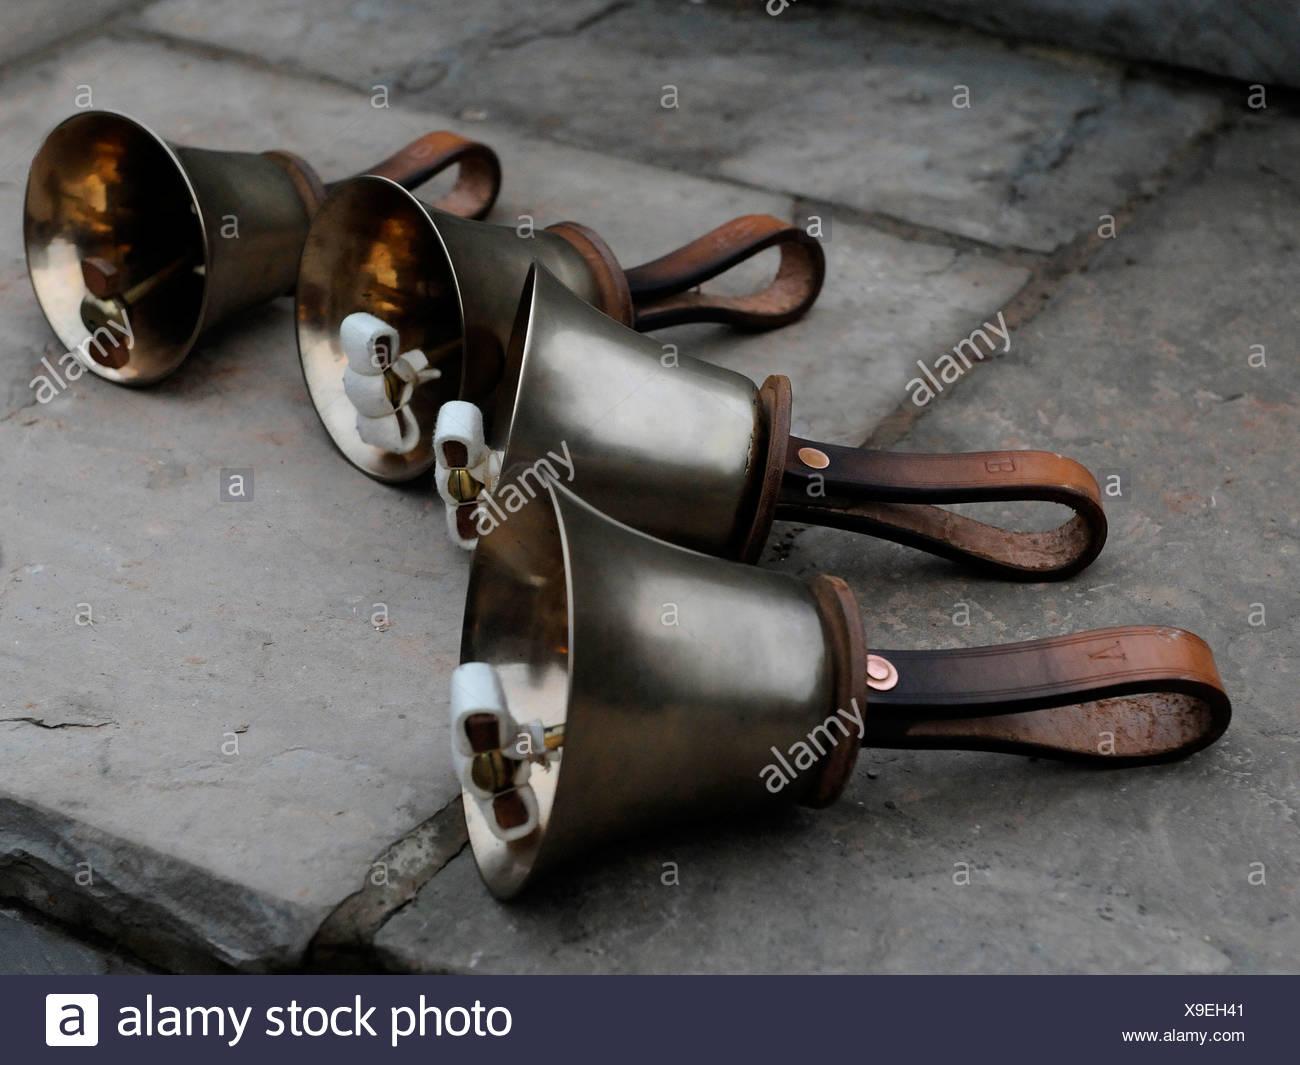 Glockensachverständigen, Hand-held Glöckchen mit Ledergriffen Stockbild